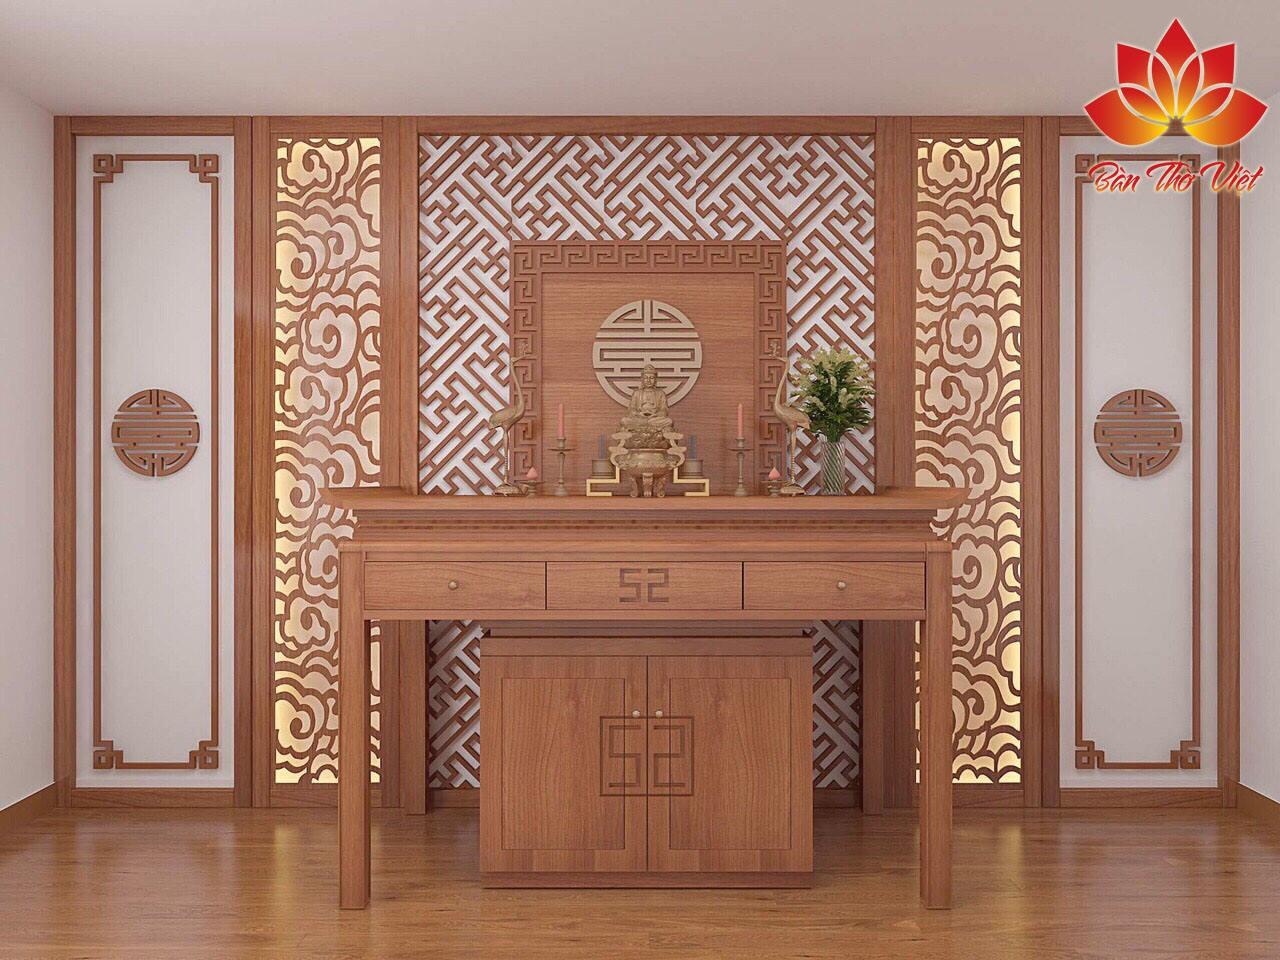 Tủ thờ ở phòng khách có nhiều ưu điểm khiến quý khách hàng không thể bỏ qua nếu có nhu cầu tìm hiểu về sản phẩm